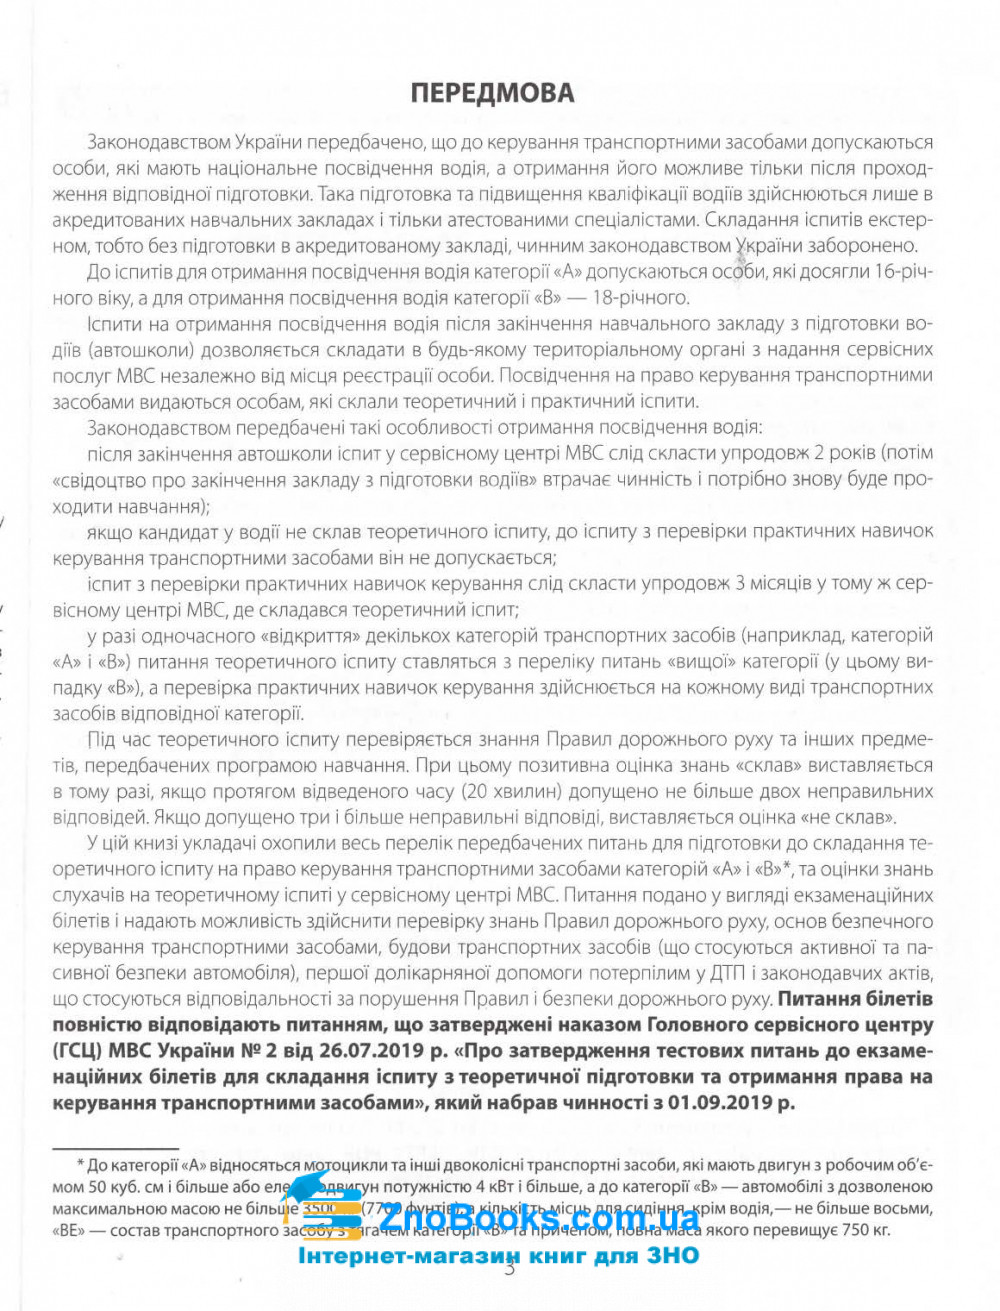 Правила дорожнього руху. Білети ПДР 2021 : Дерех З., Заворицький Ю. Арій. купити 3